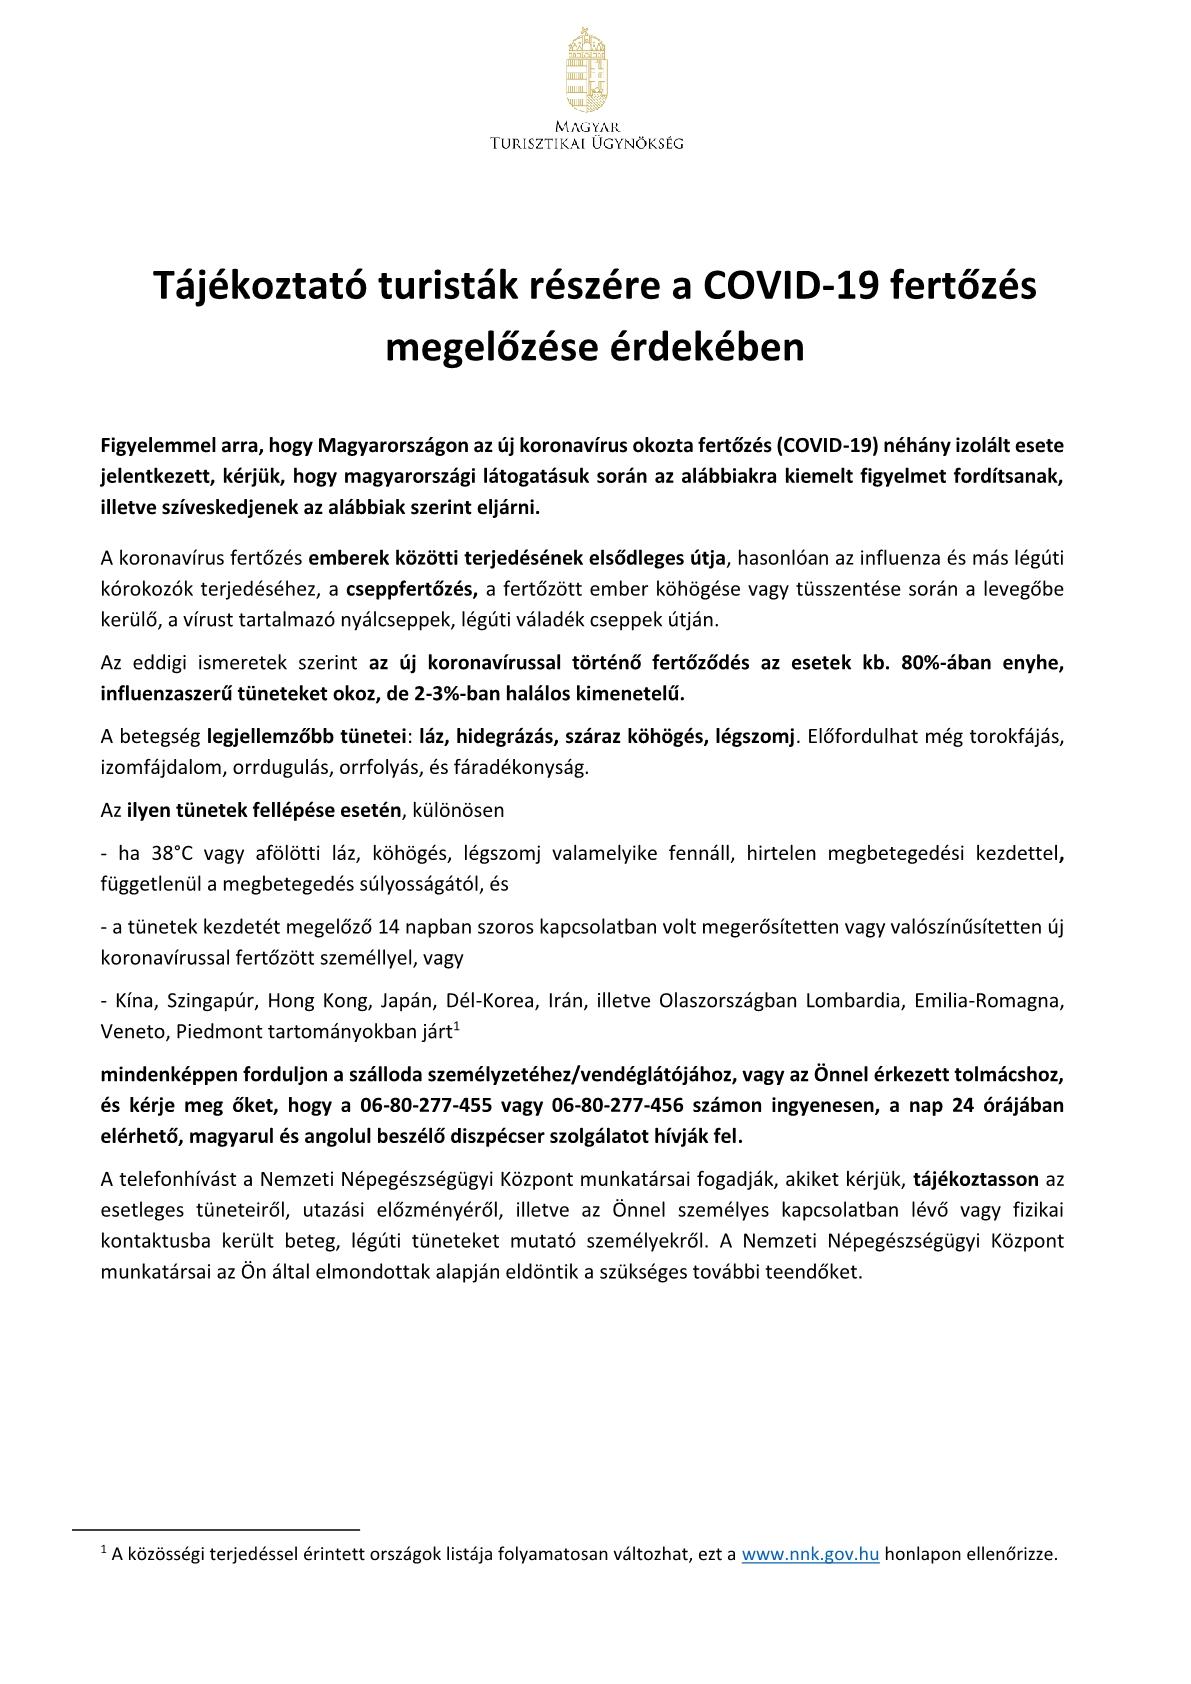 a kerekférgekkel való fertőzés megelőzése érdekében szükséges)